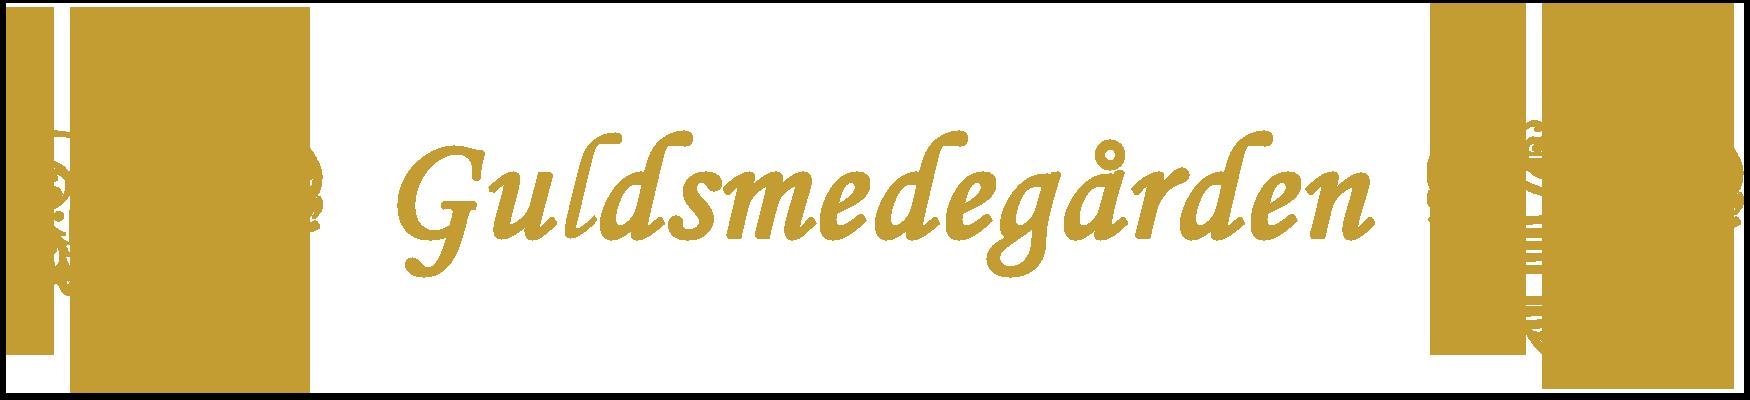 hjemmeside logo